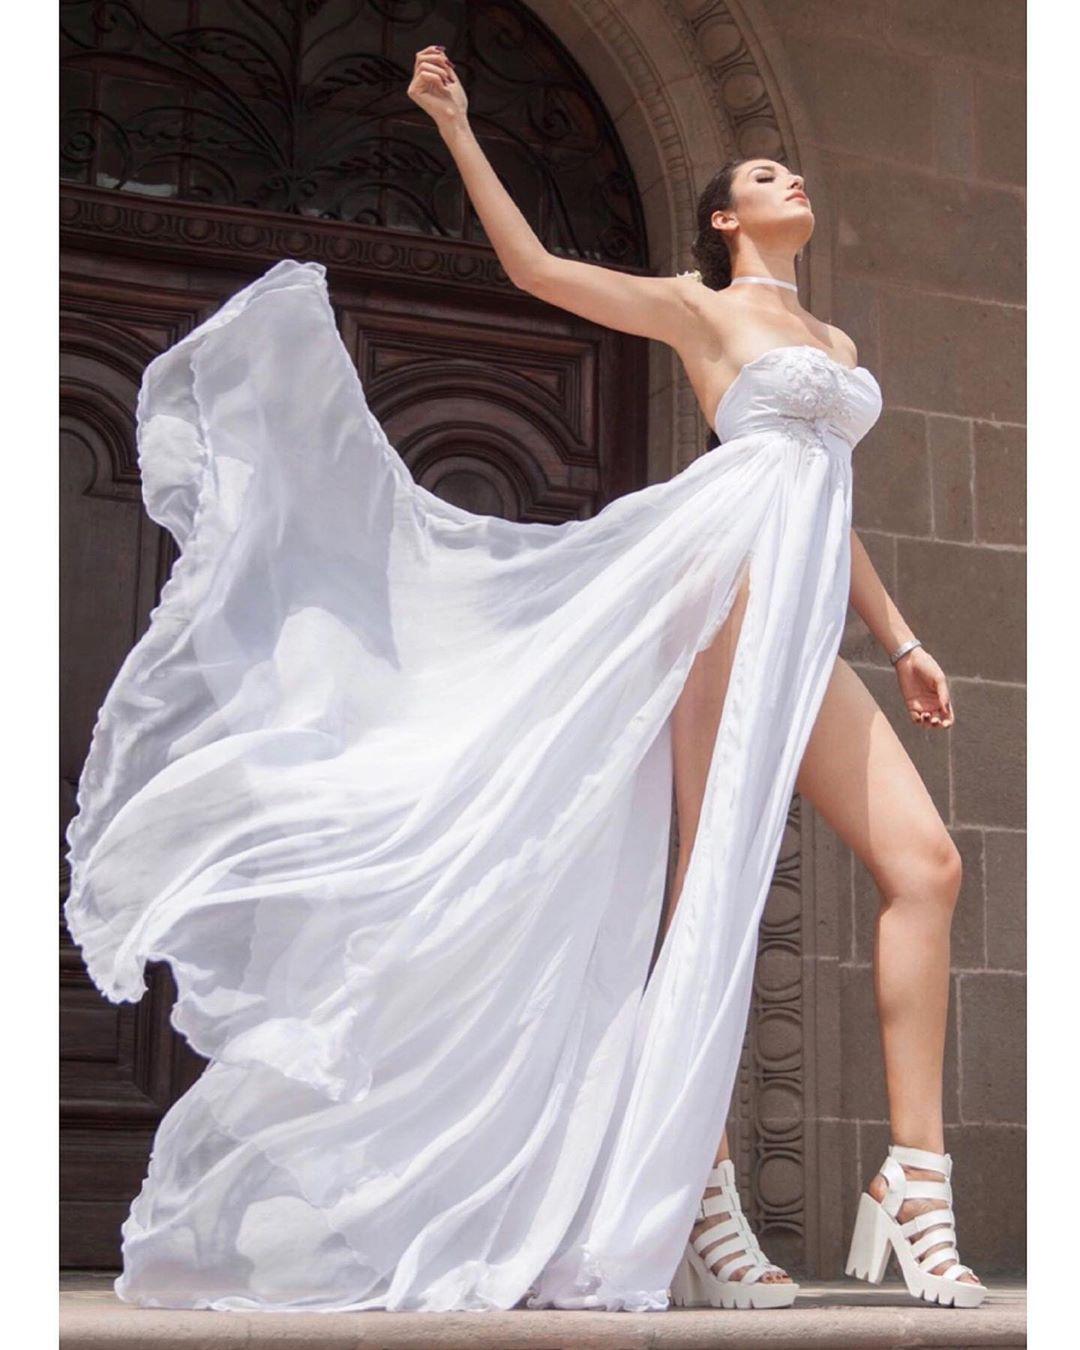 georgina vargas, candidata a miss mexico 2020, representando coahuila. 98480911